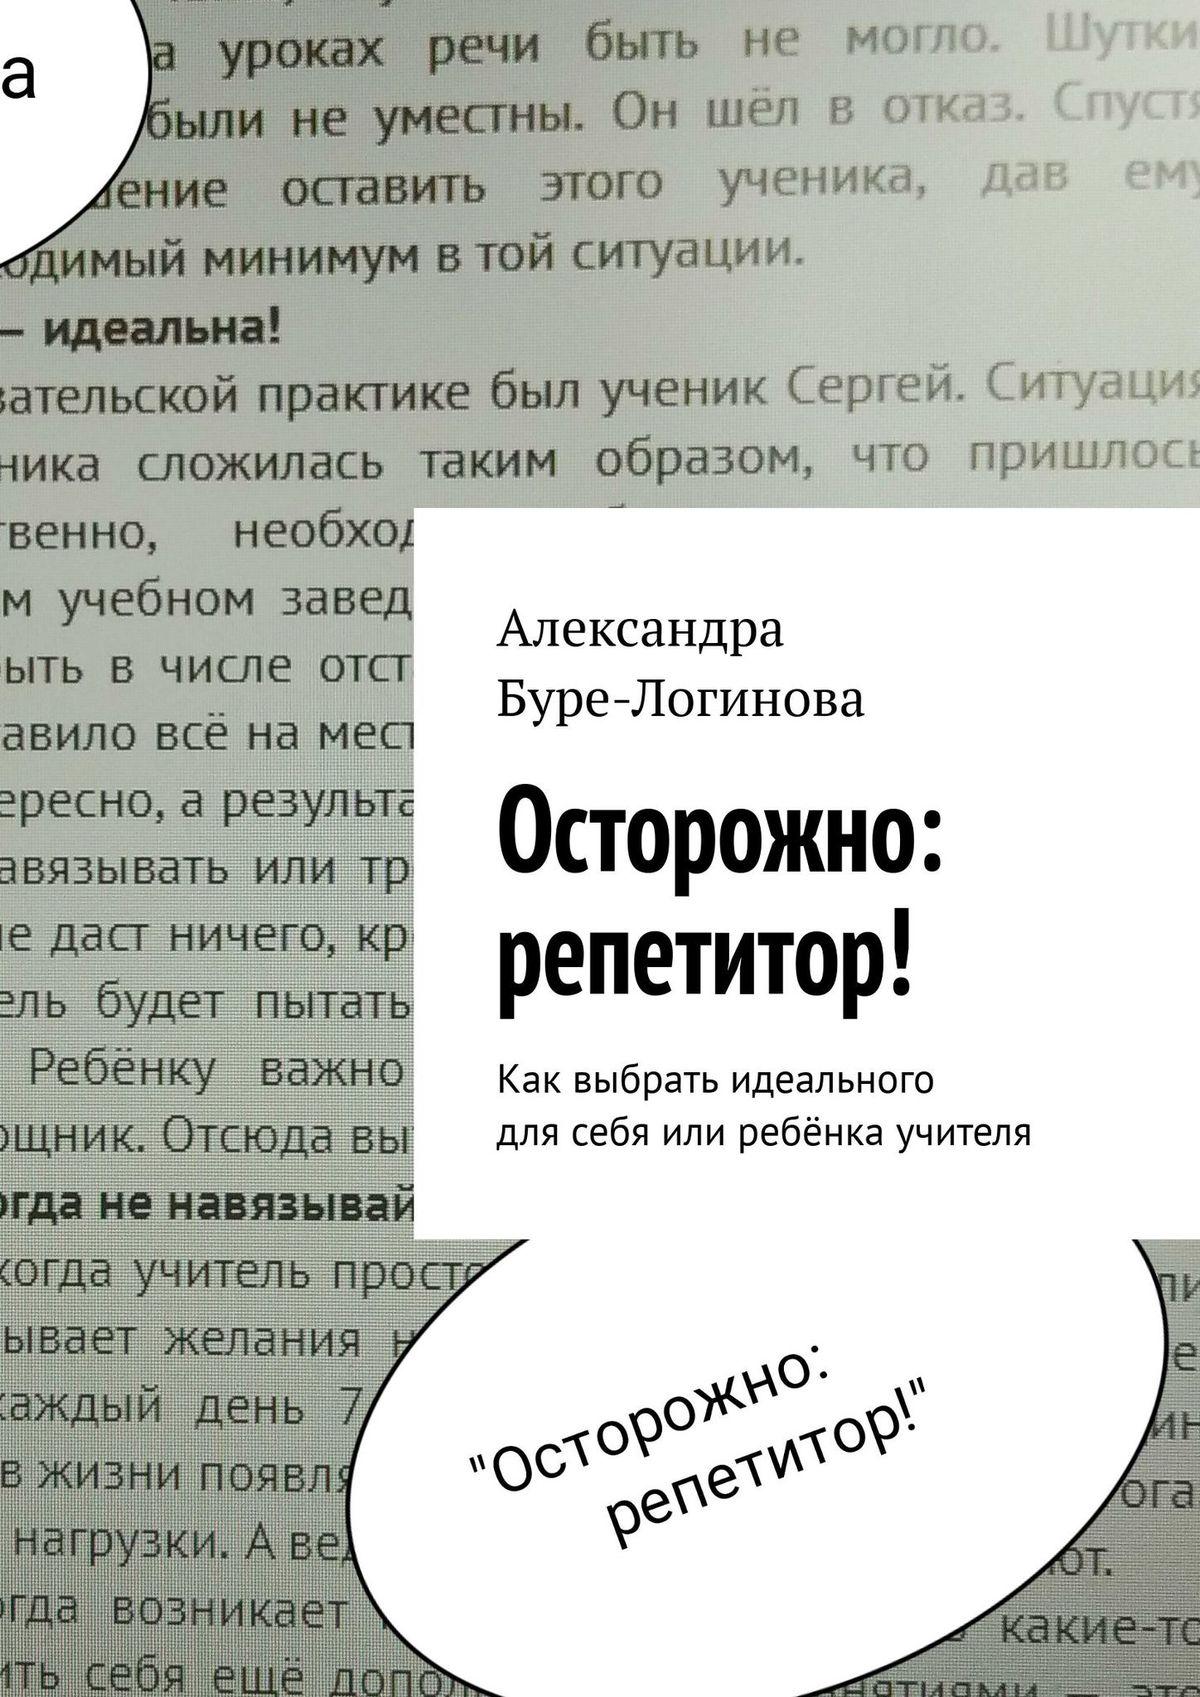 Александра Буре-Логинова Осторожно: репетитор! Как выбрать идеального для себя или ребёнка учителя